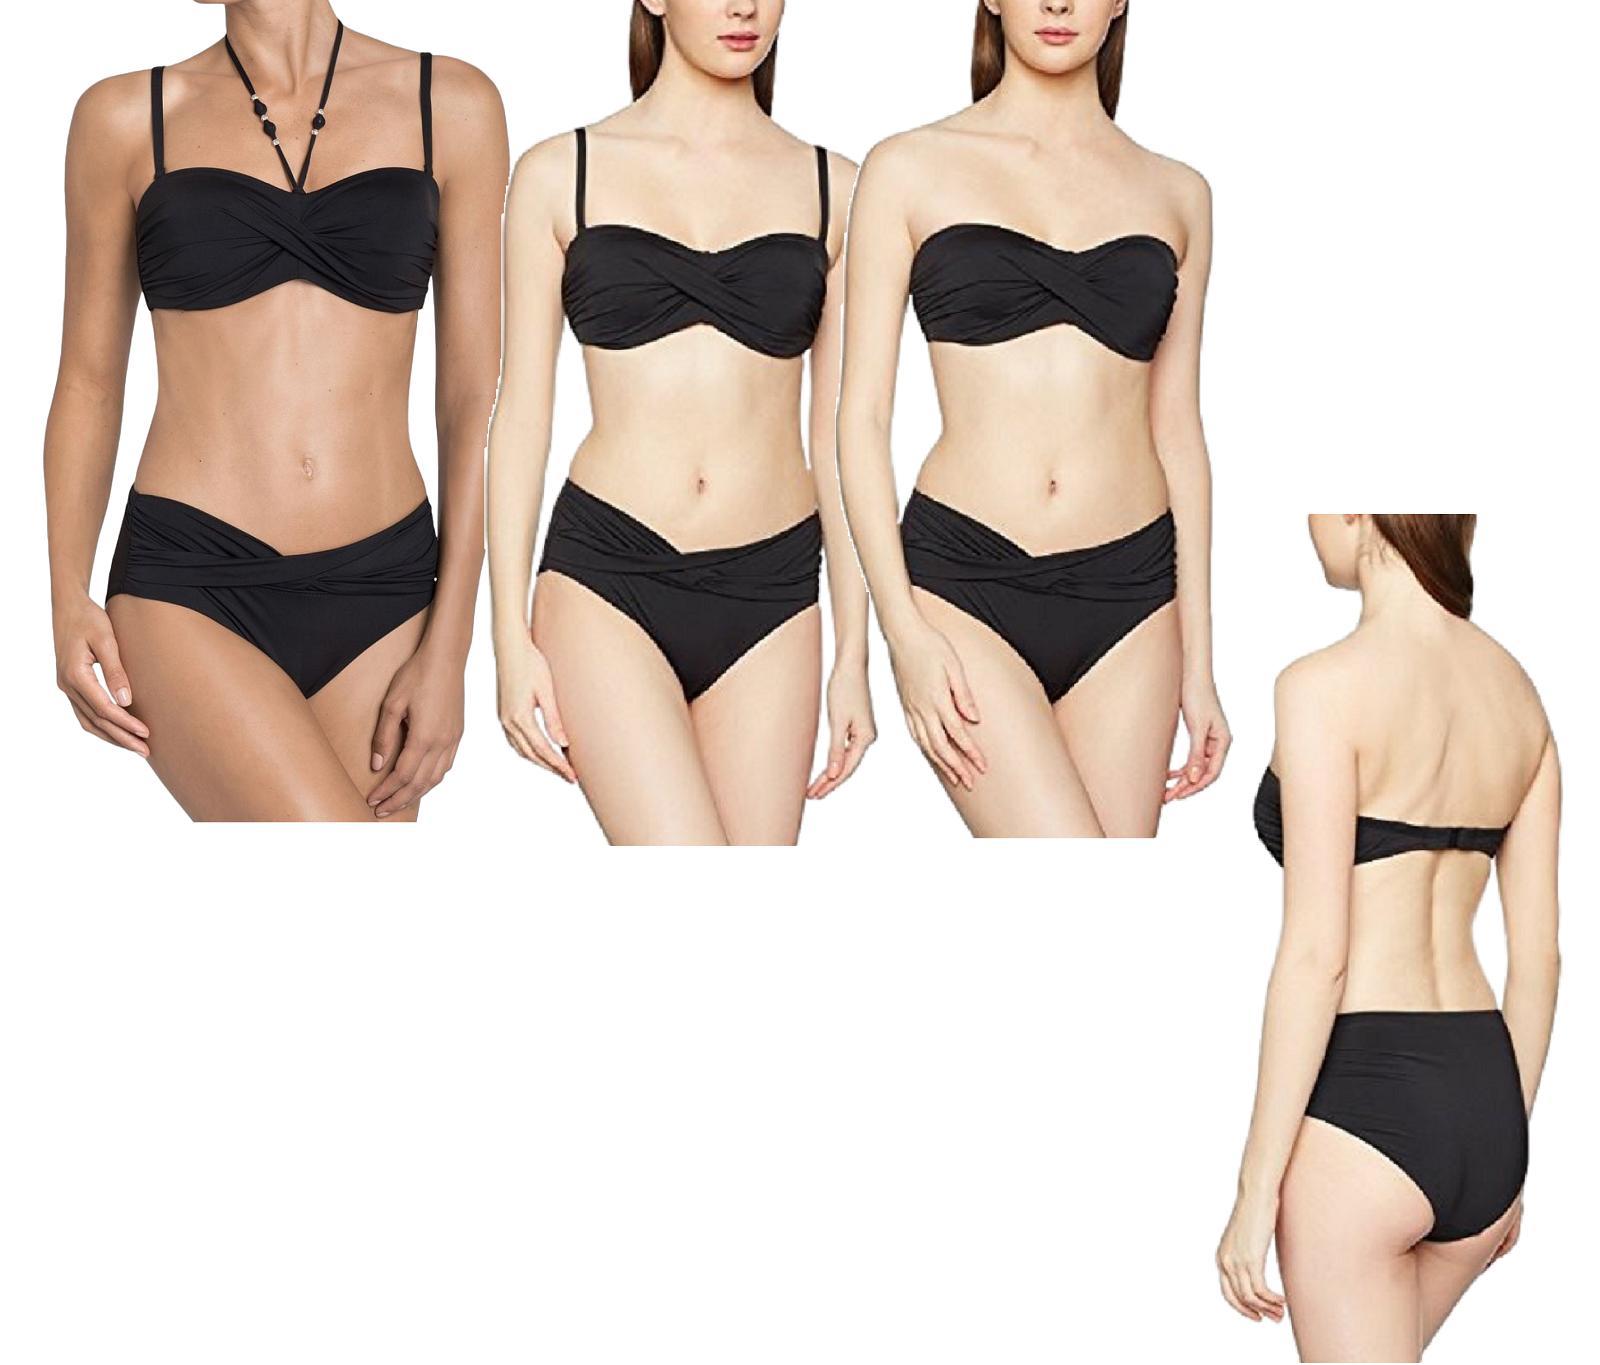 Costume bagno Bikini 2 pezzi coppe mare Donna TRIUMPH Venus Elegance 17 TPD SD